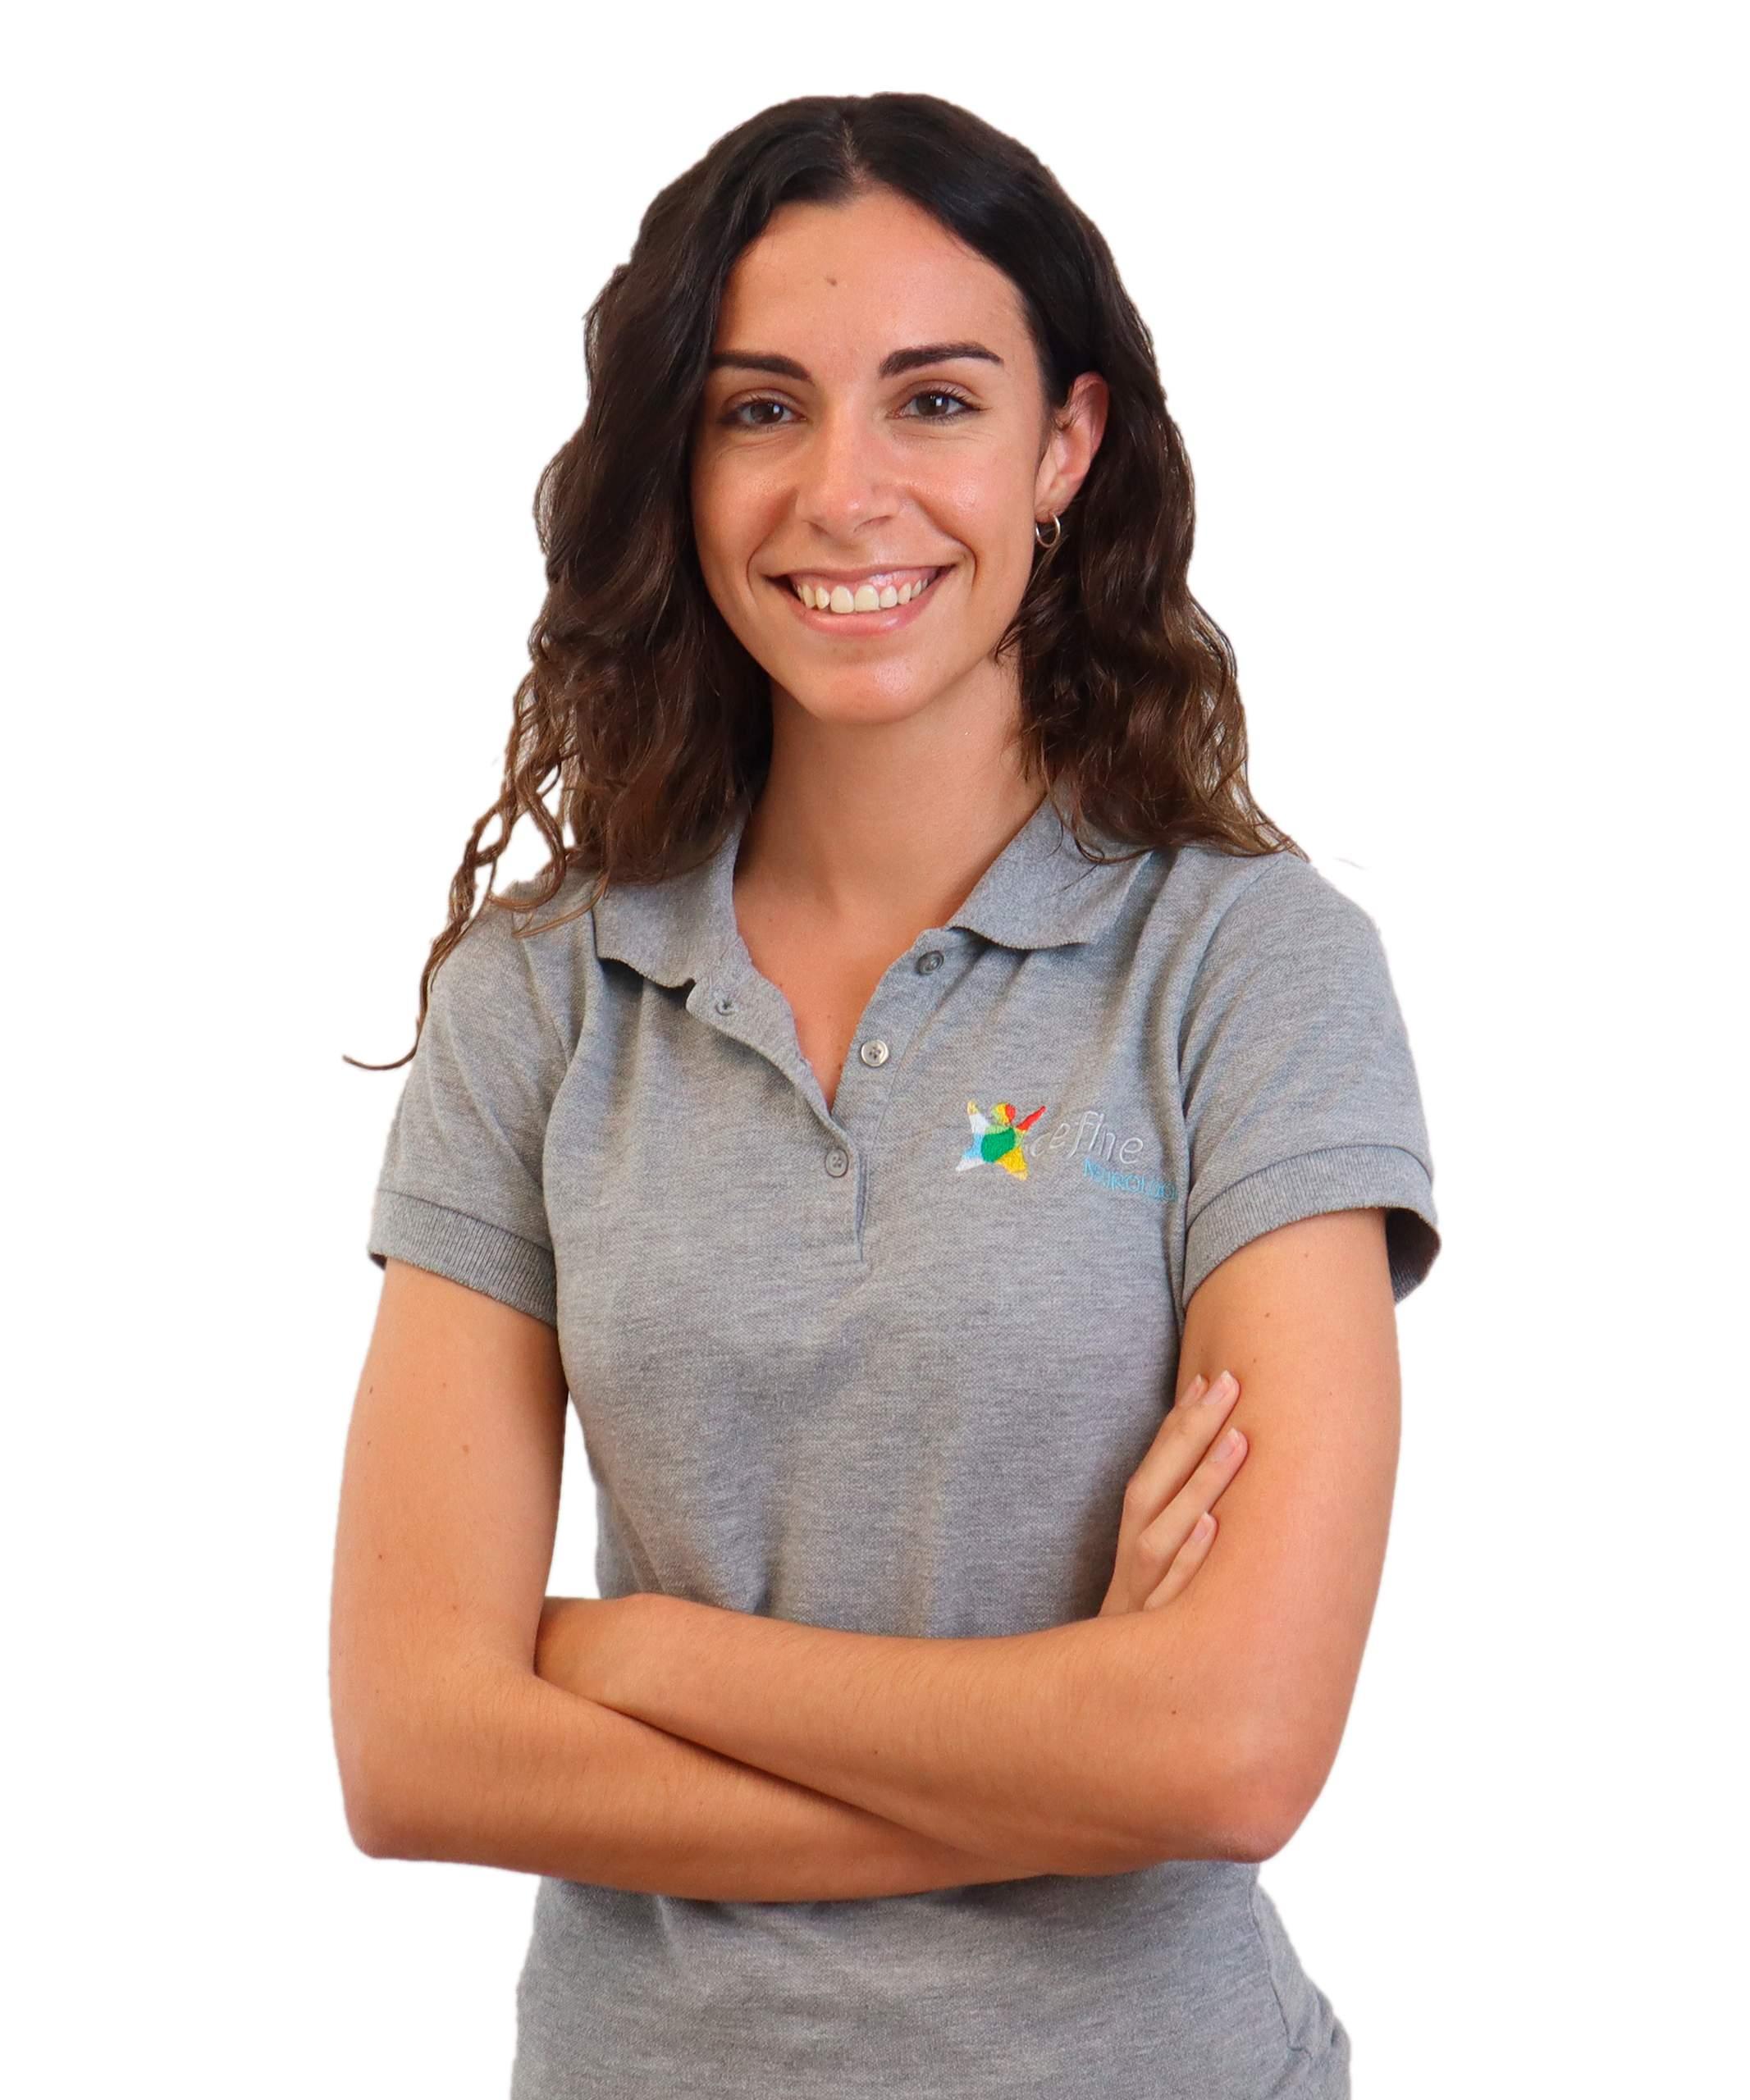 Andrea Secades